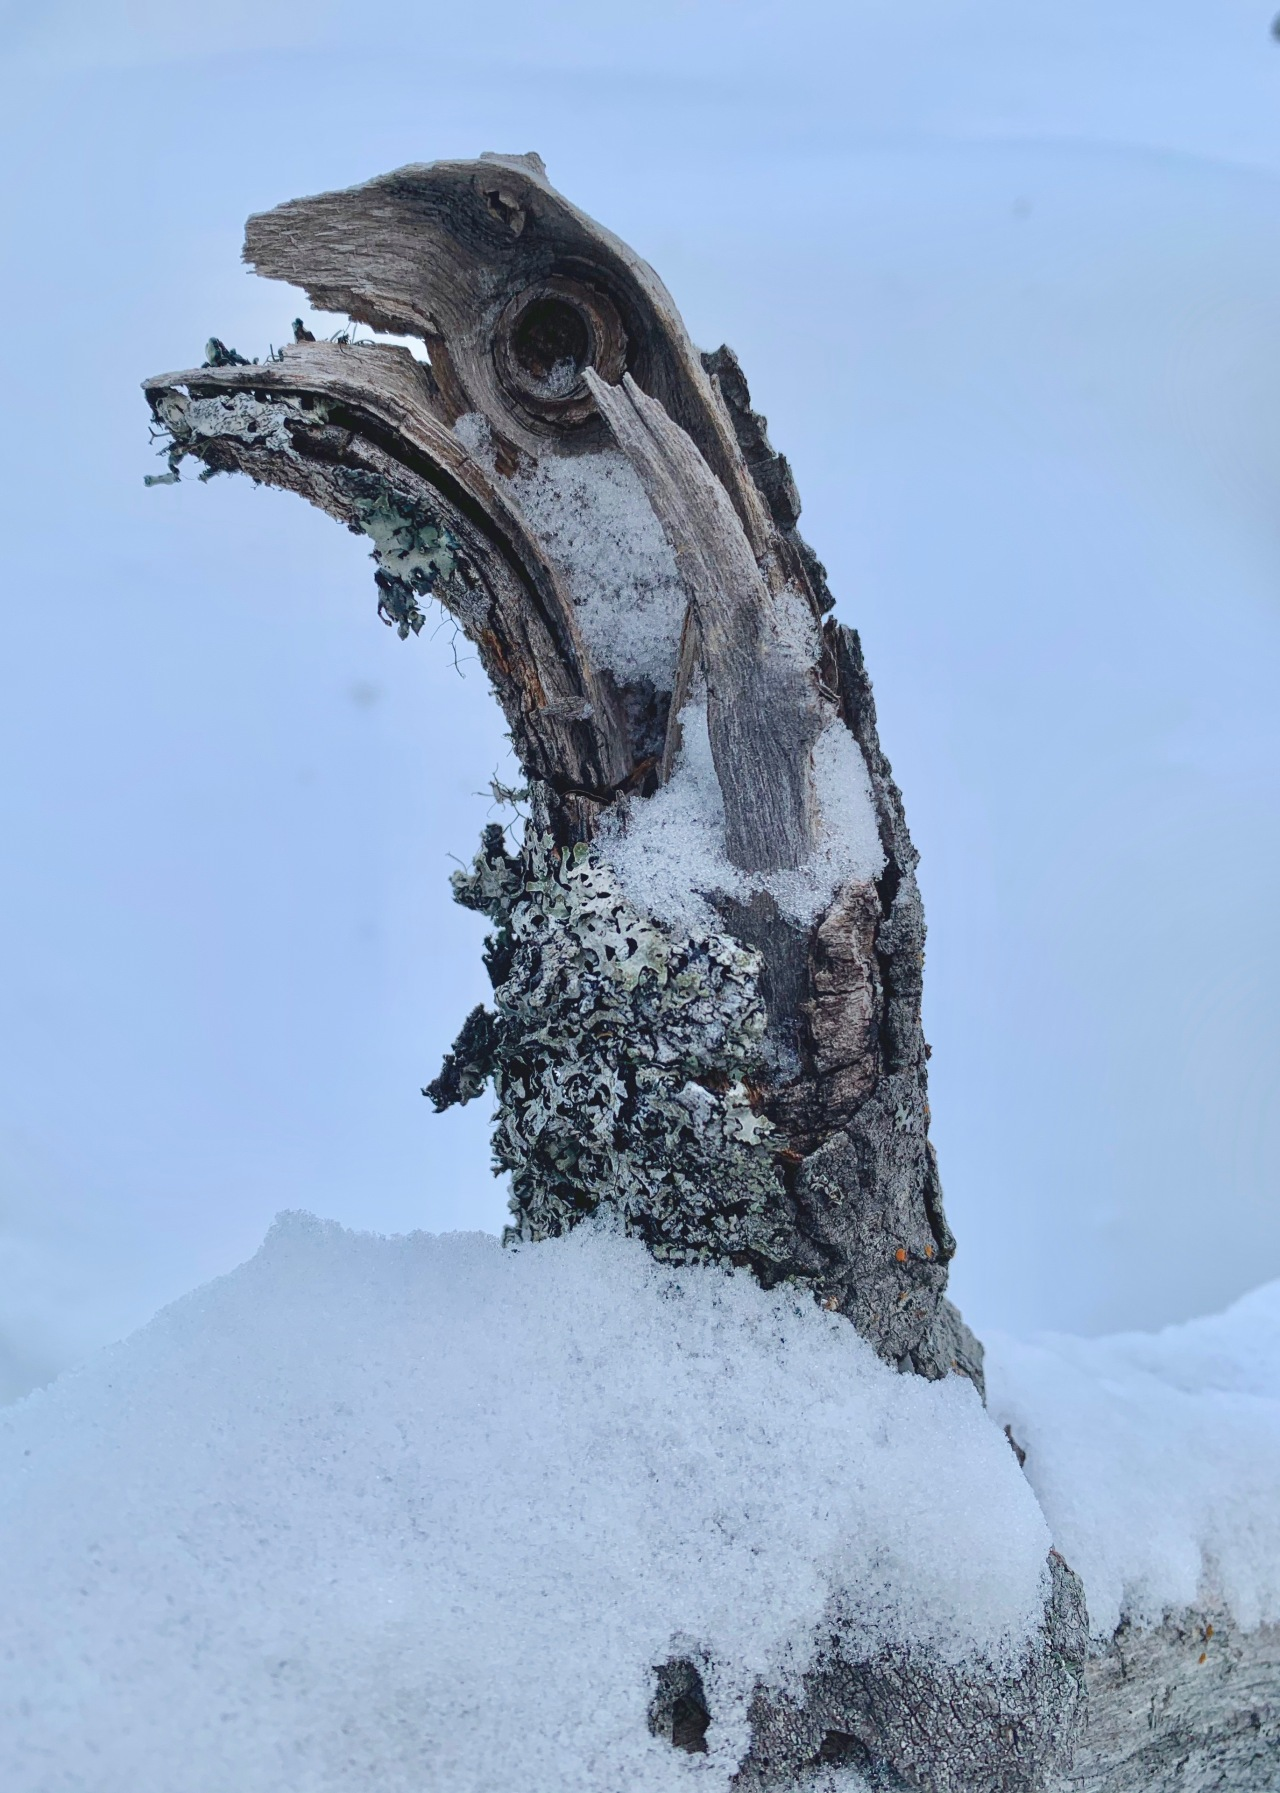 Tree Mink